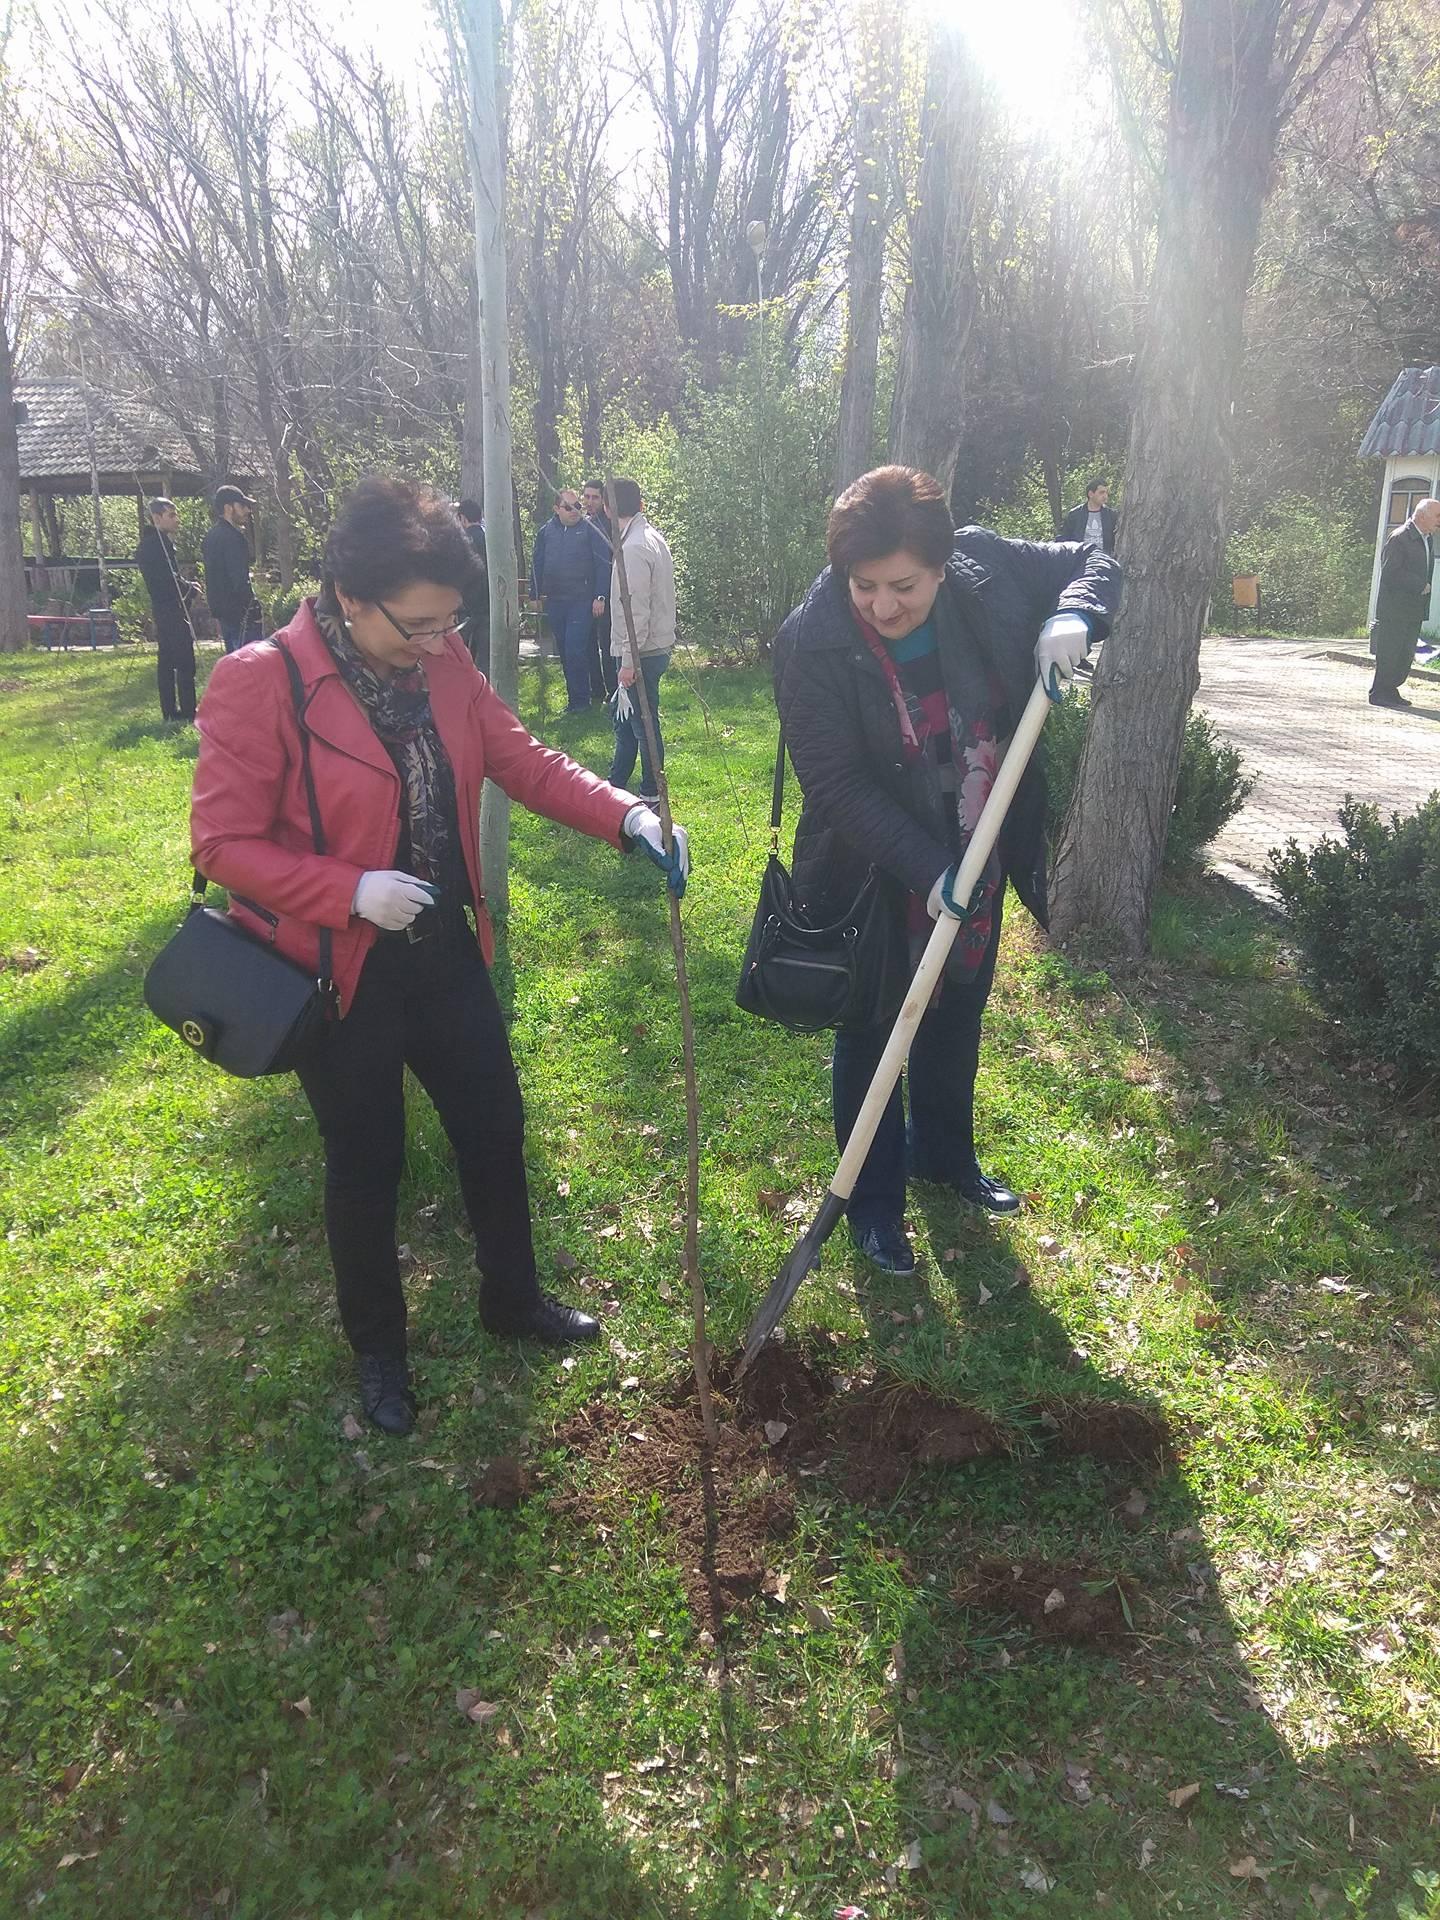 Հայաստանի բնության պետական թանգարանի աշխատակիցները մասնակցել են ծառատնկման աշխատանքներին: